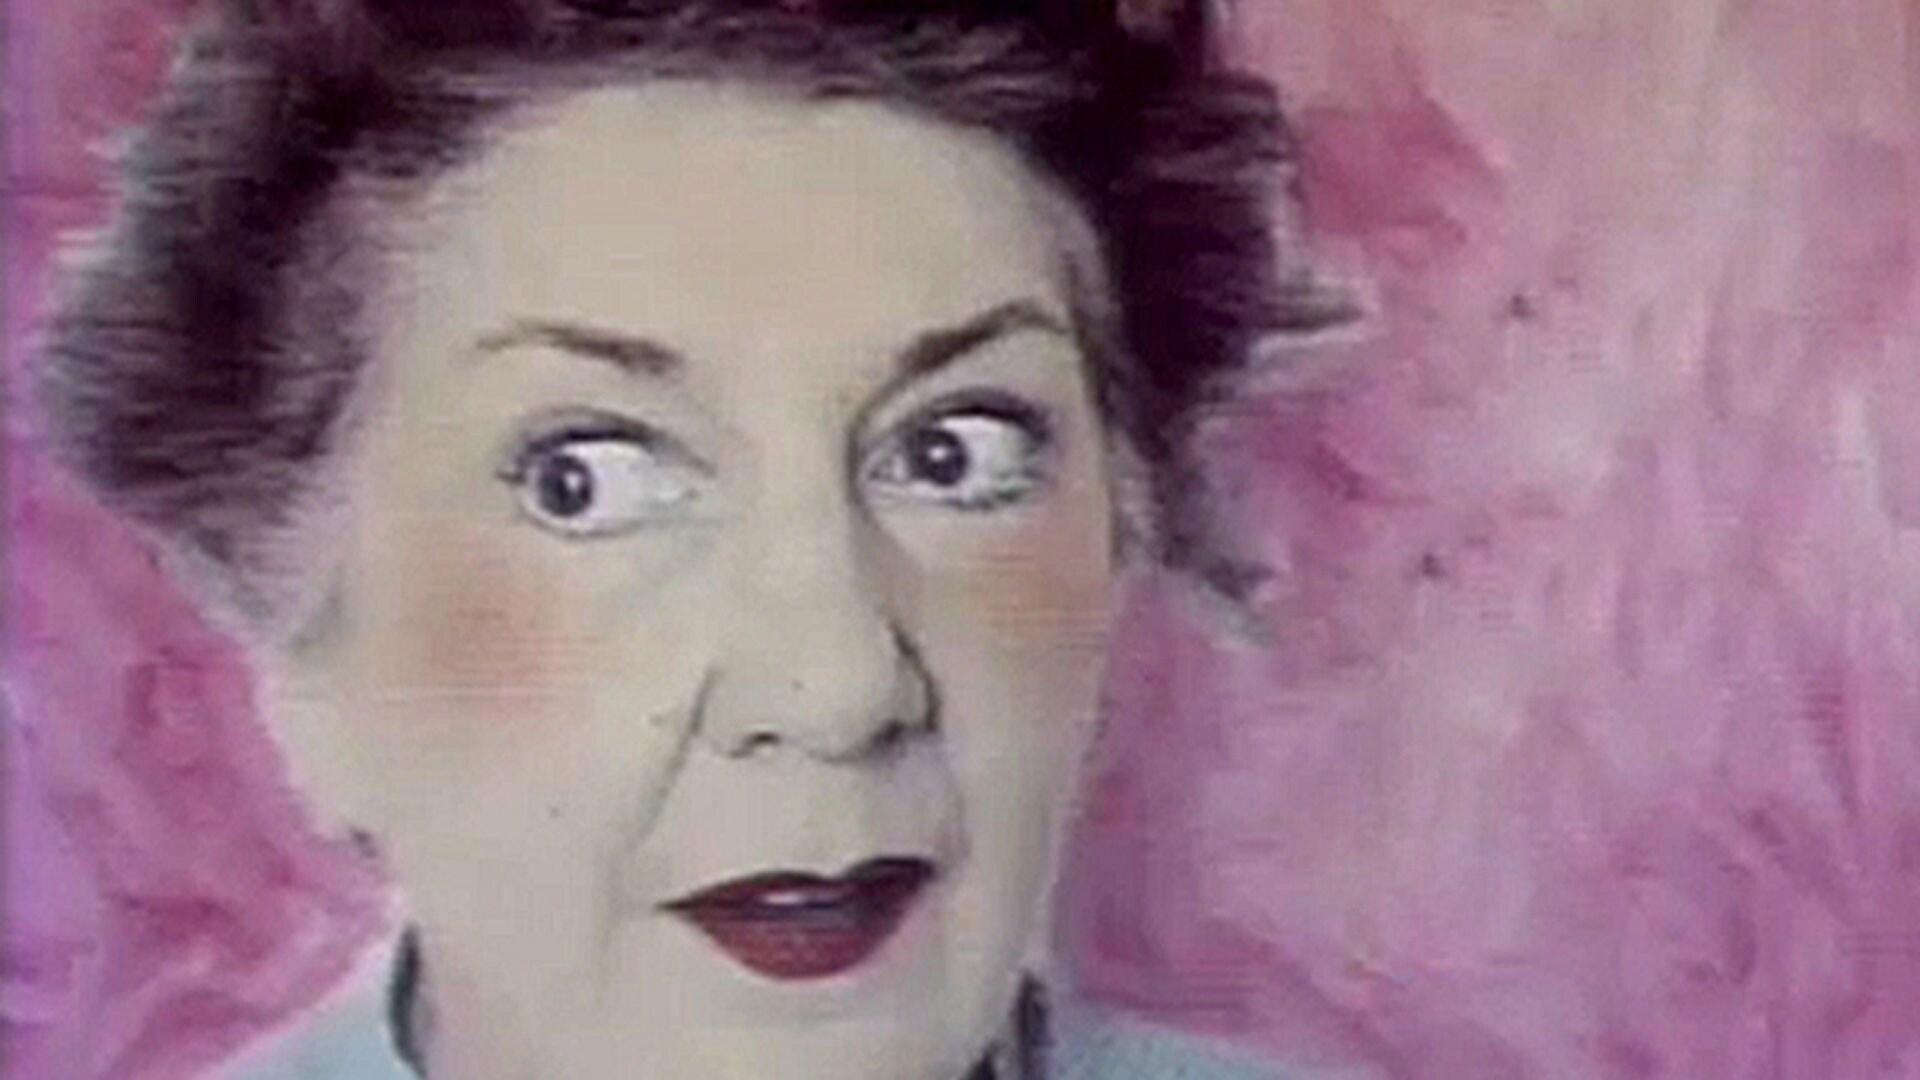 Maureen Stapleton: May 19, 1979